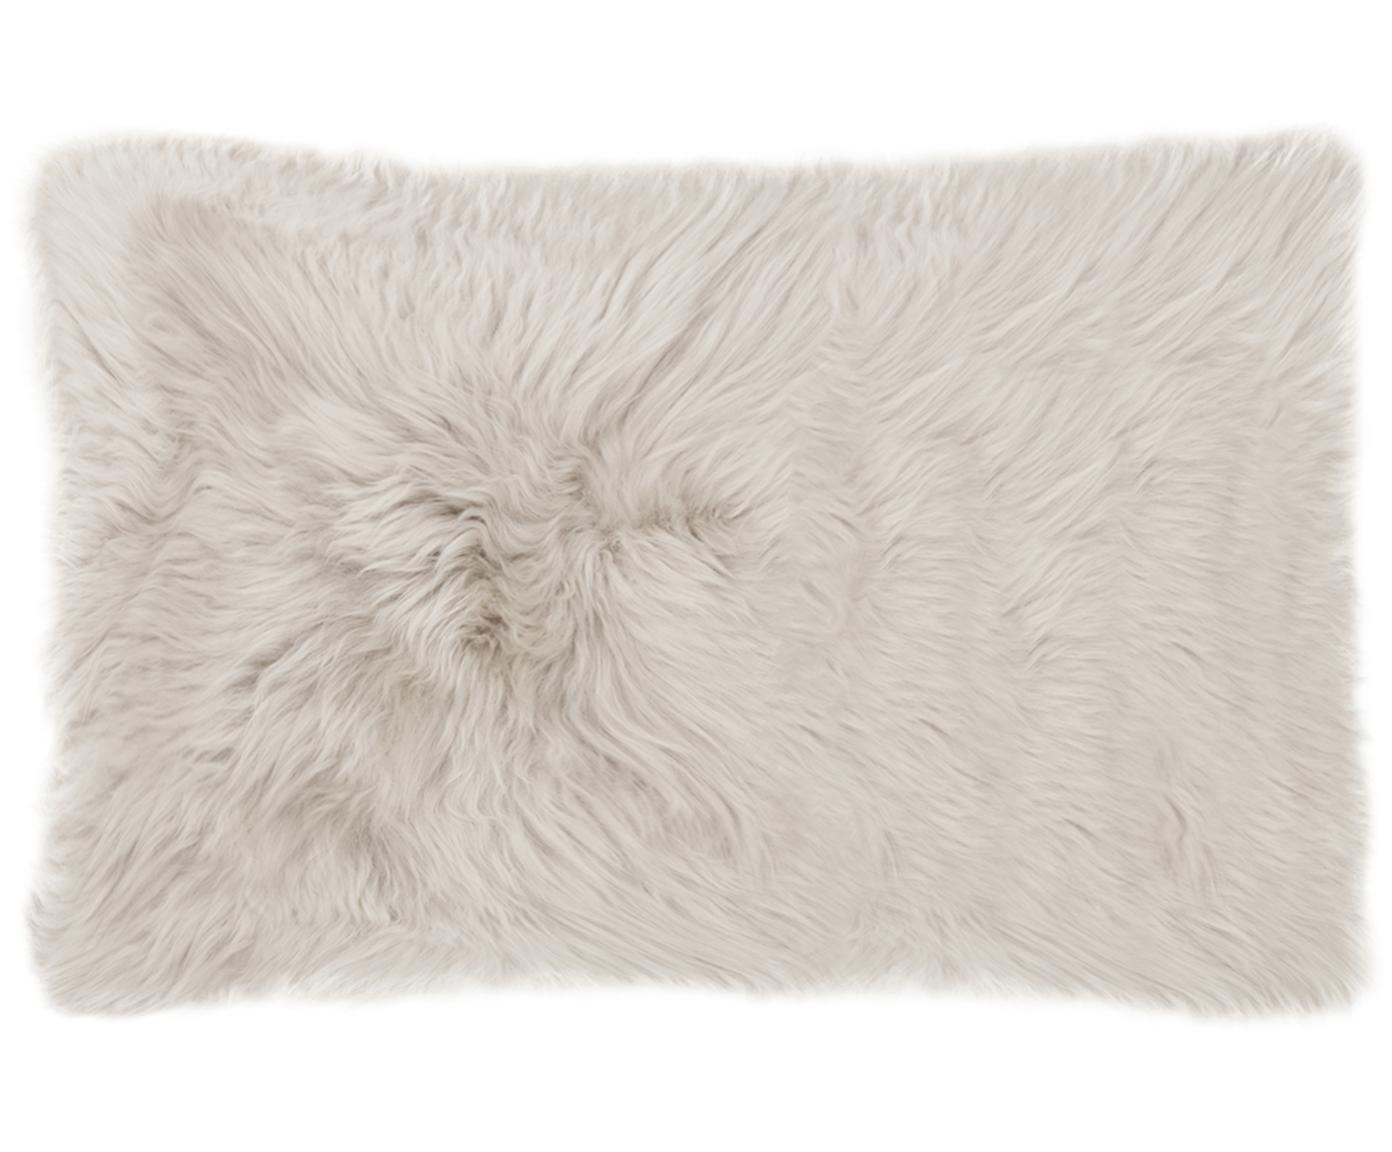 Poszewka na poduszkę ze skóry owczej Oslo, Przód: beżowy Tył: jasny szary, S 30 x D 50 cm